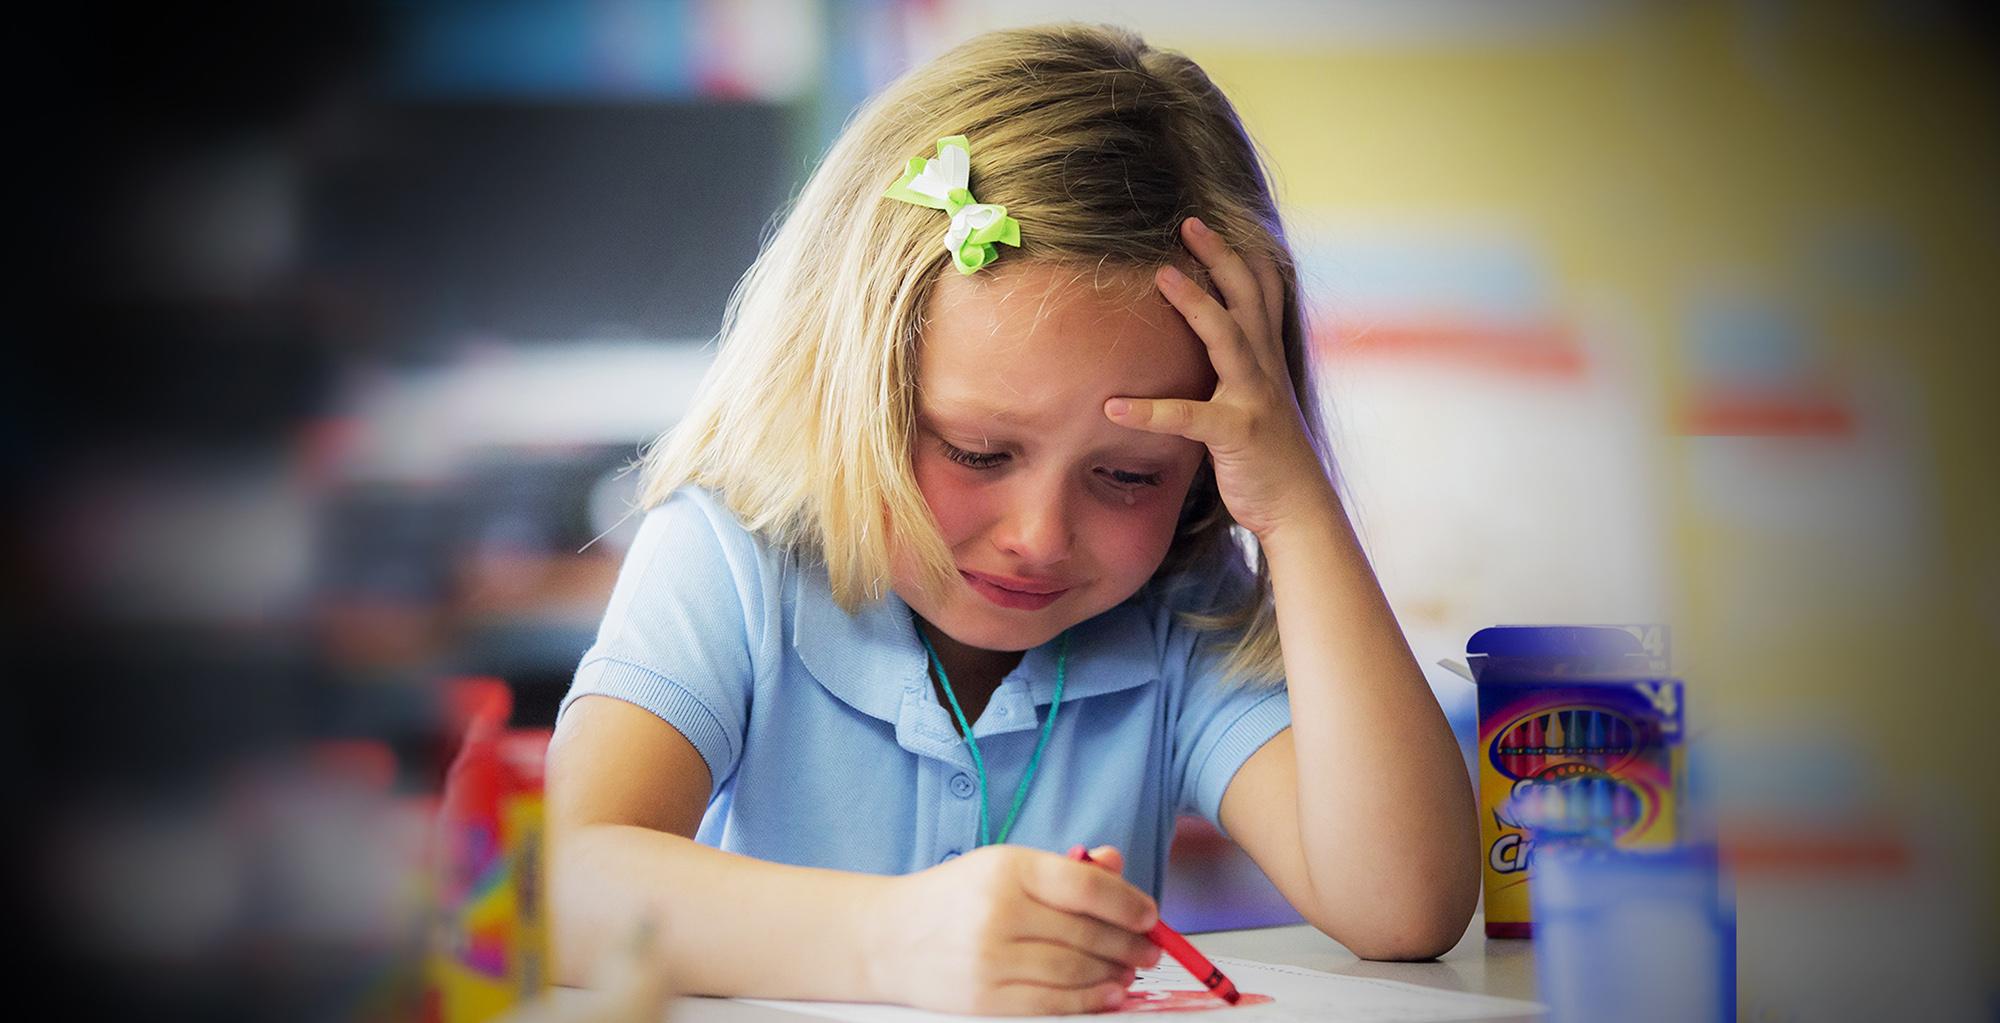 مقاله - چگونه کودکان را برای ورود به مدرسه آماده کنیم؟